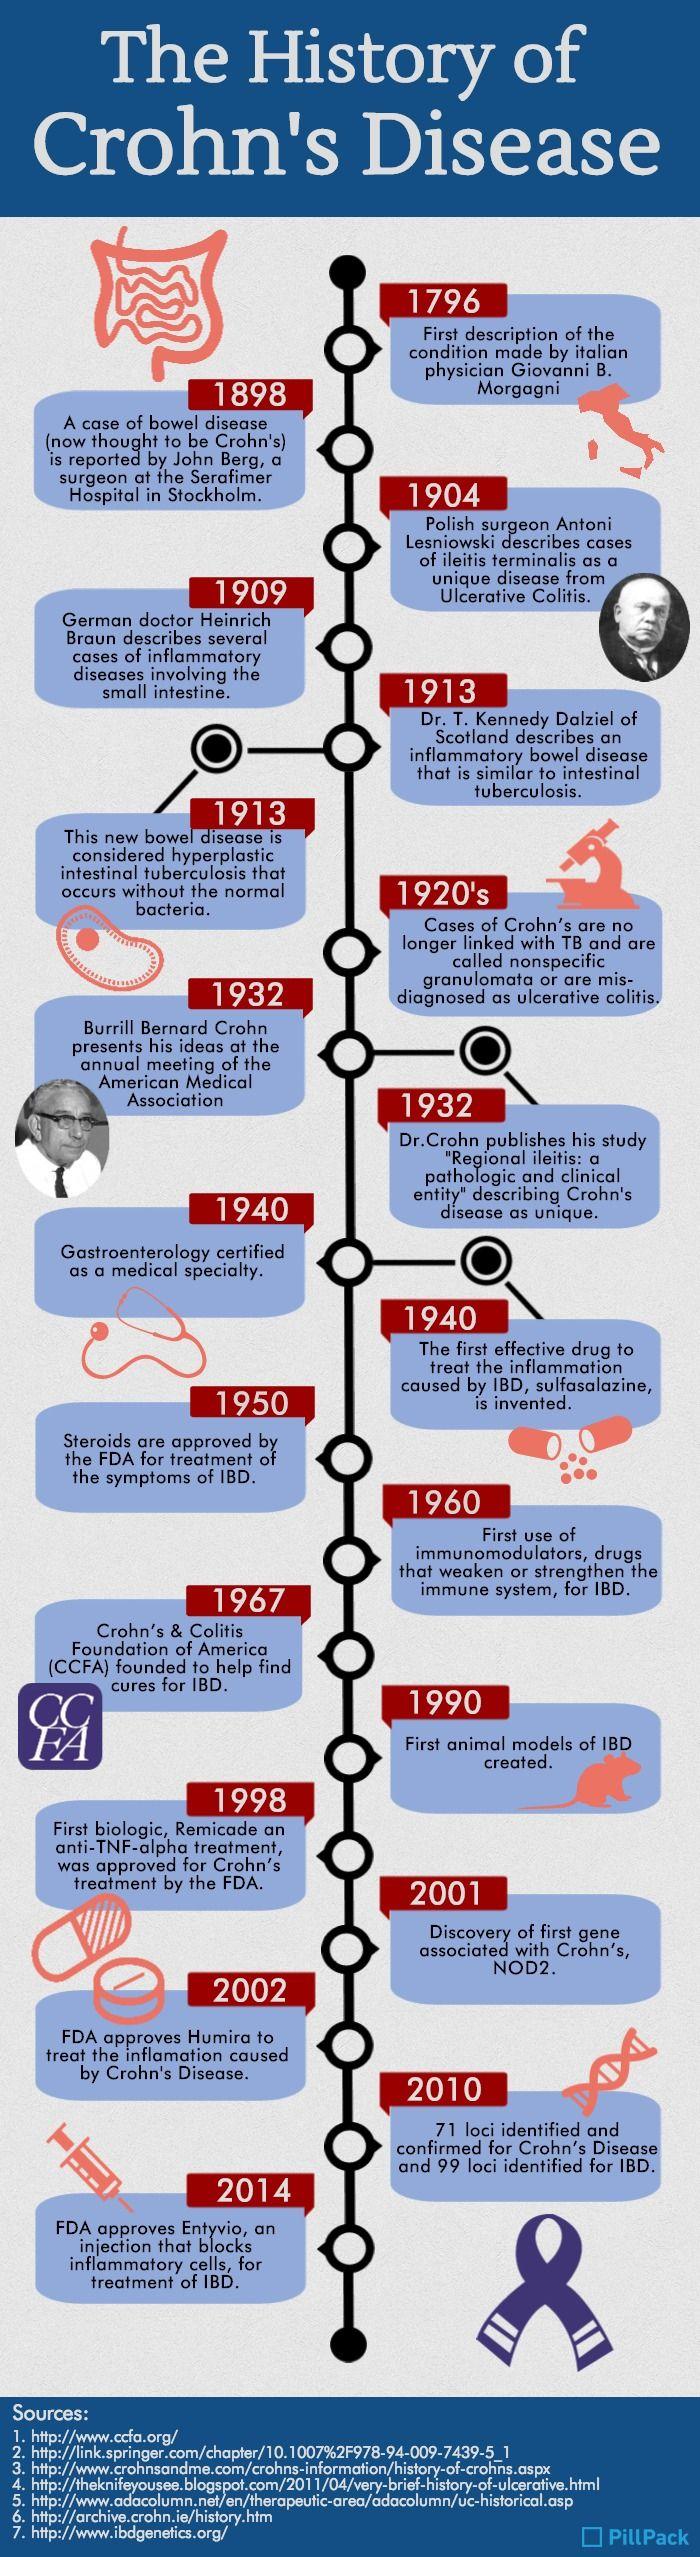 History of Crohn's